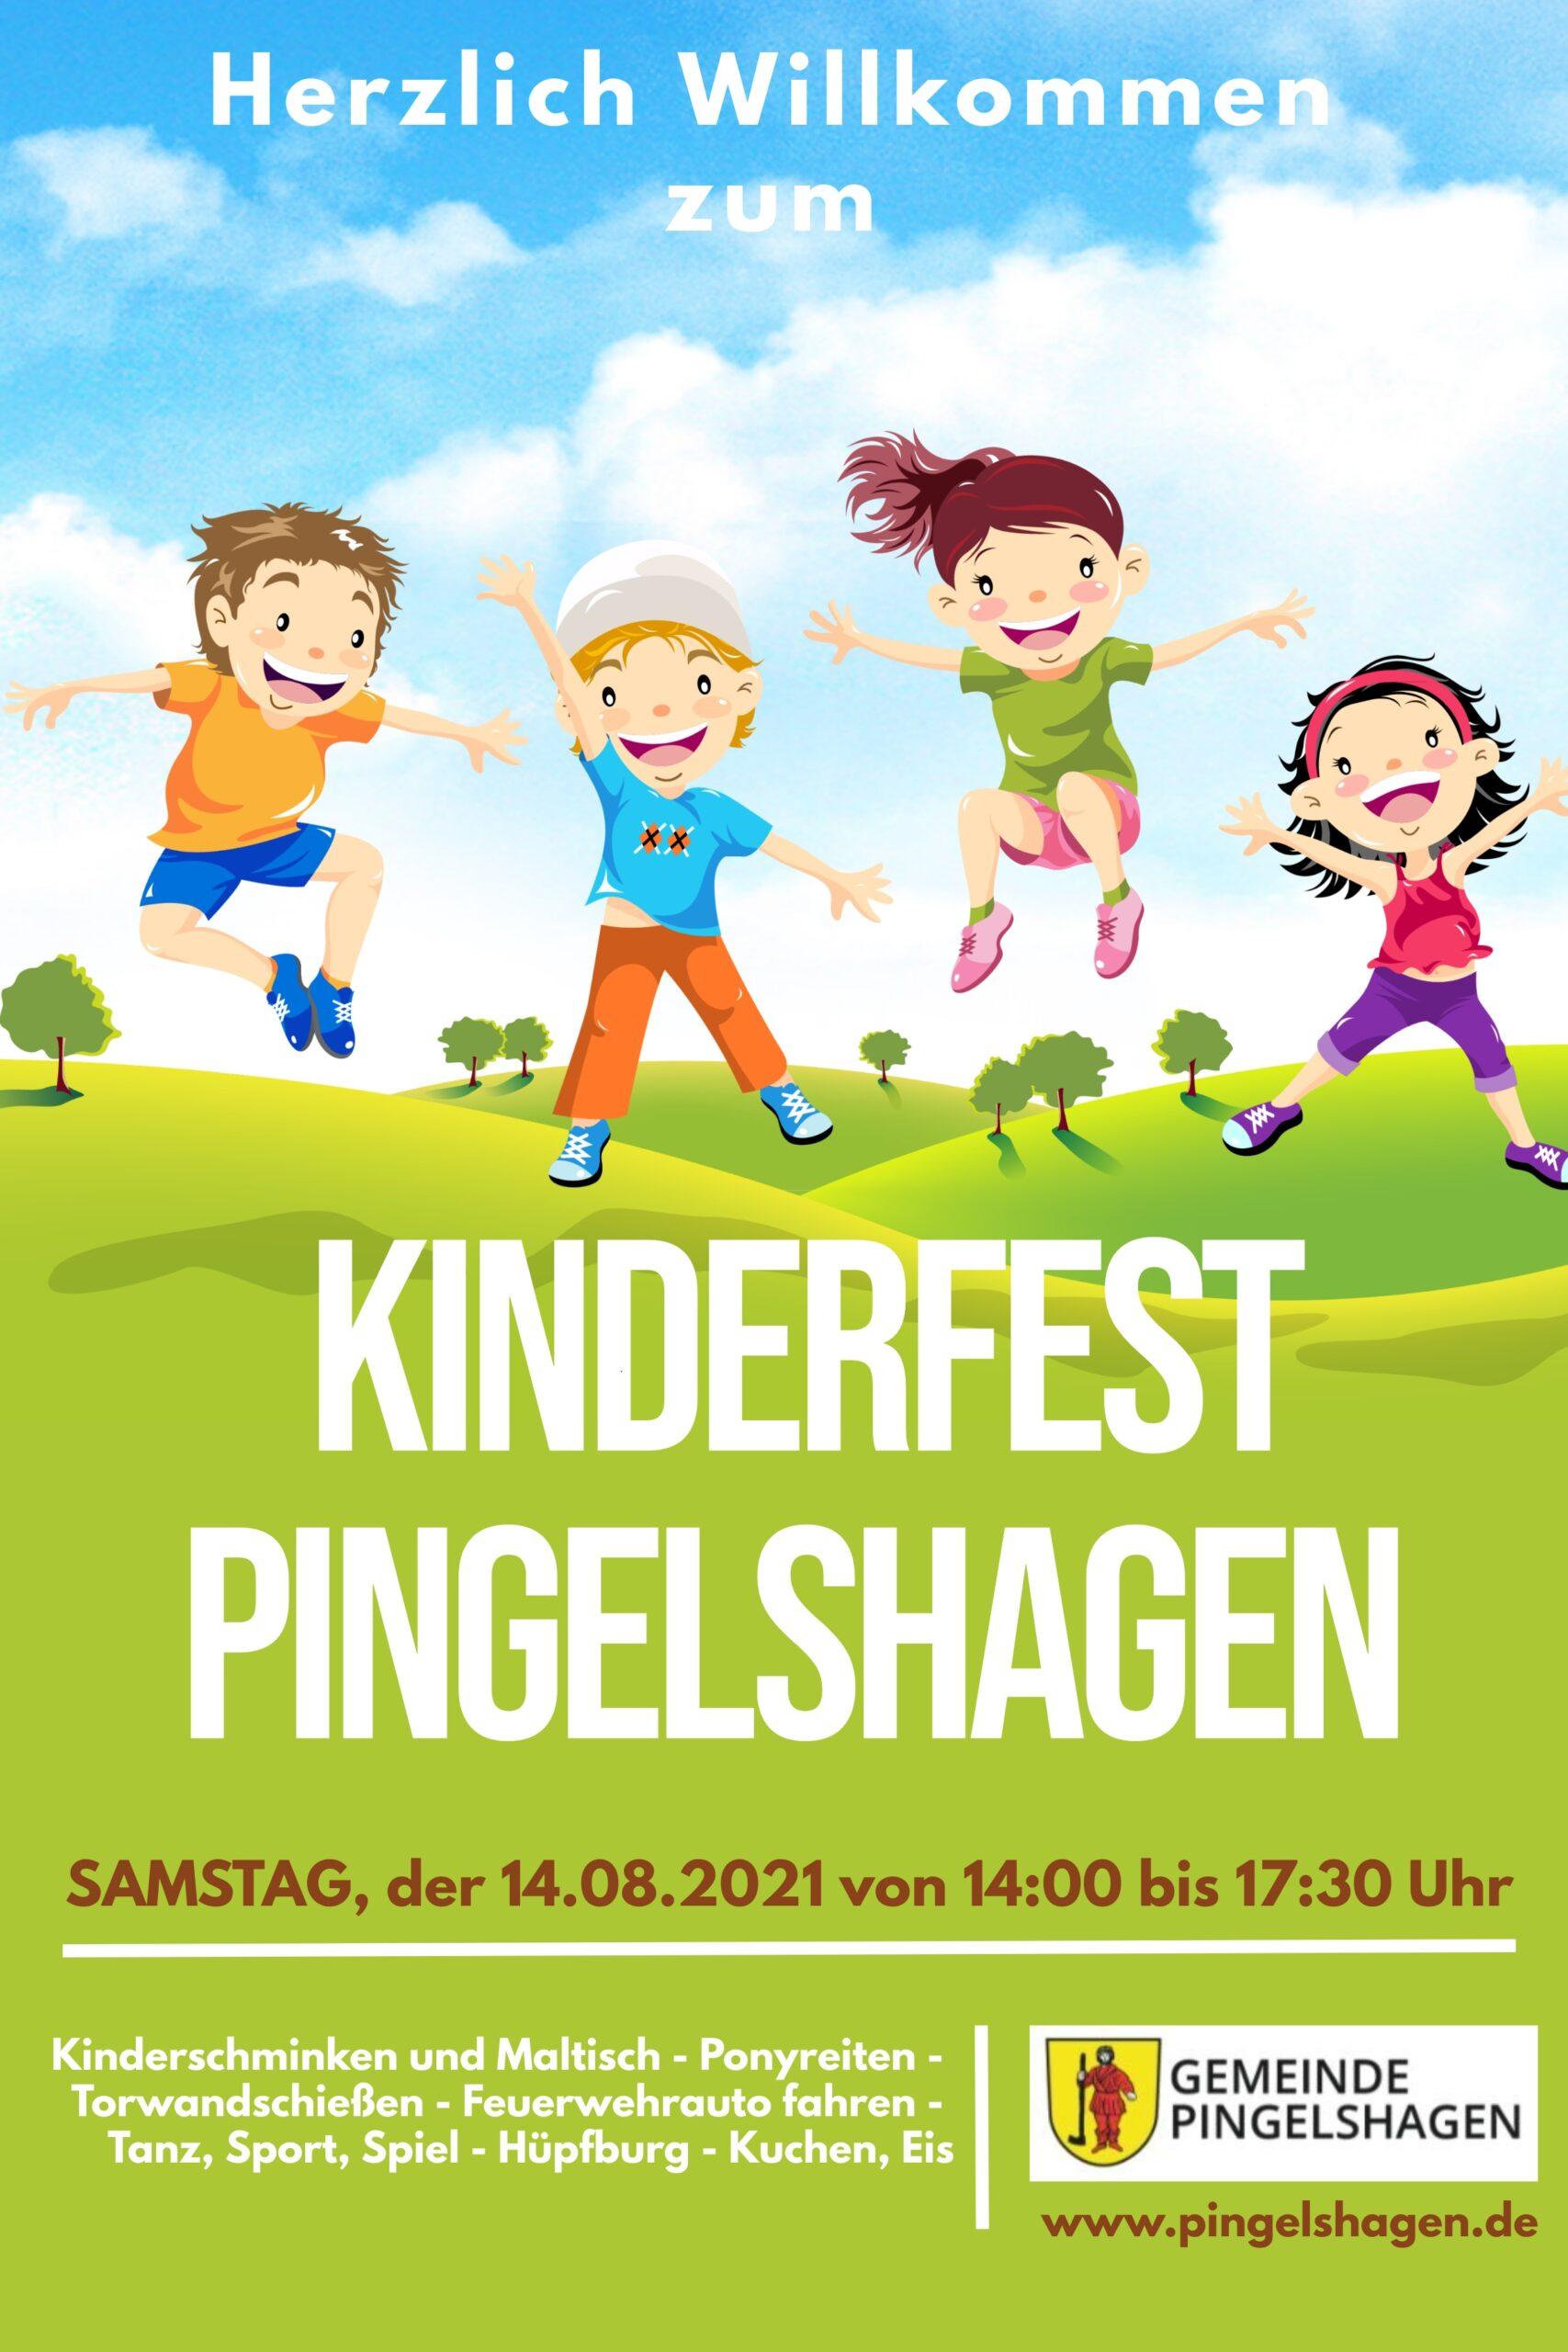 Kinderfest in Pingelshagen